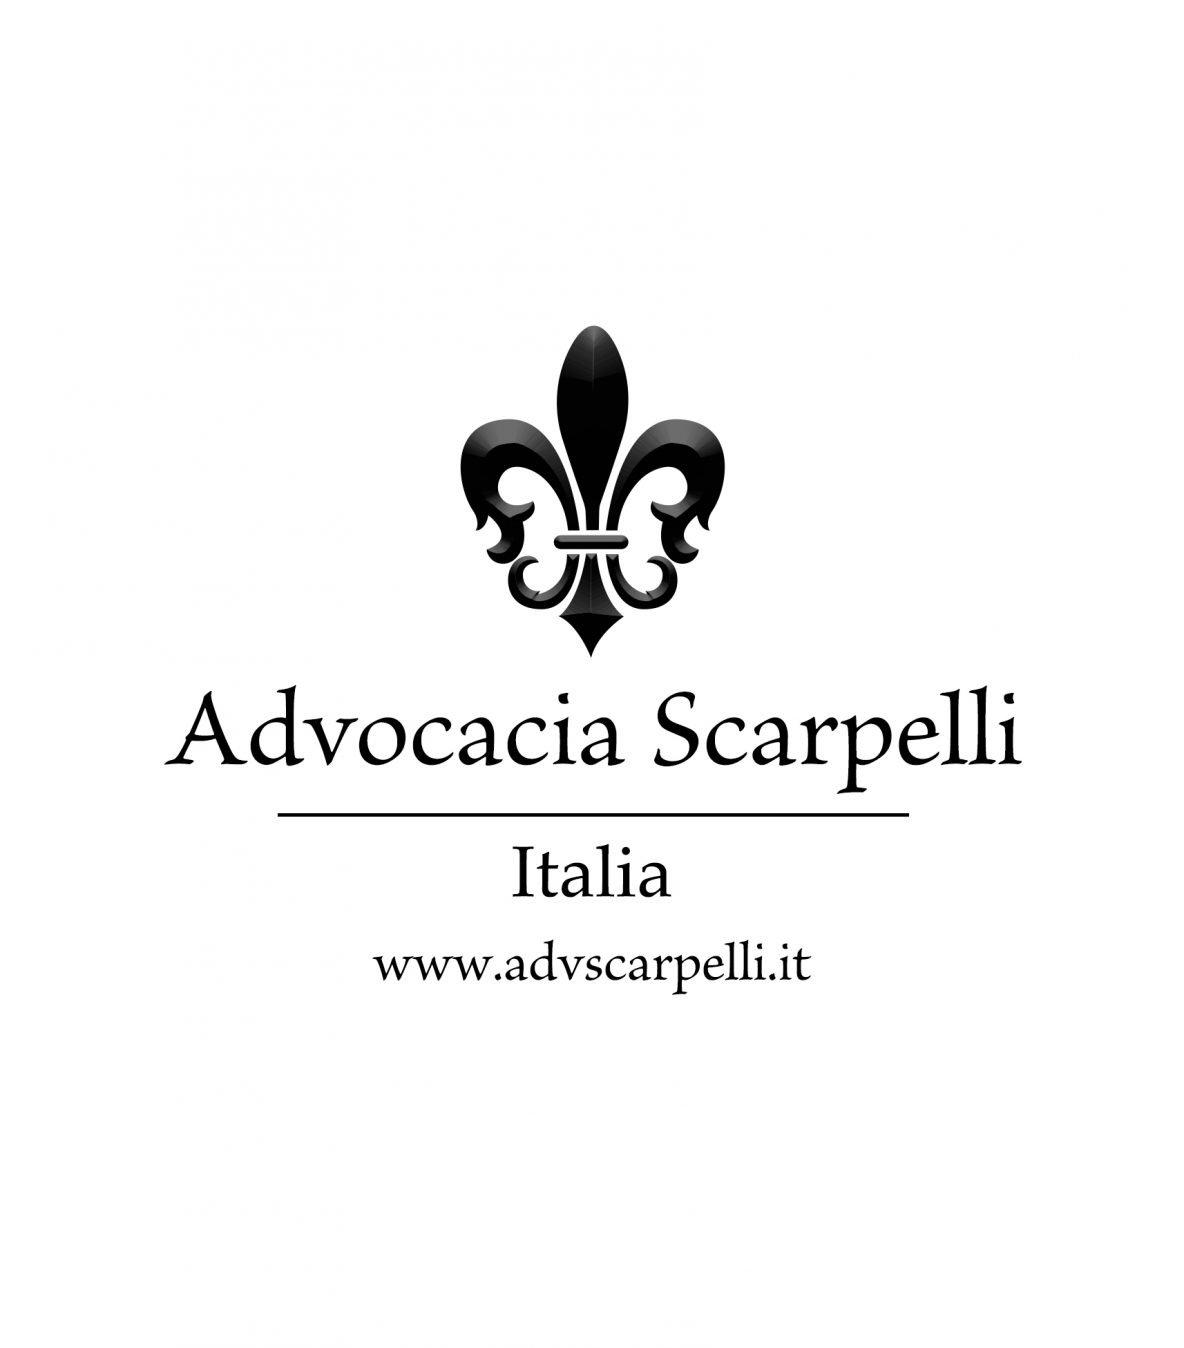 Advocacia-Scarpelli